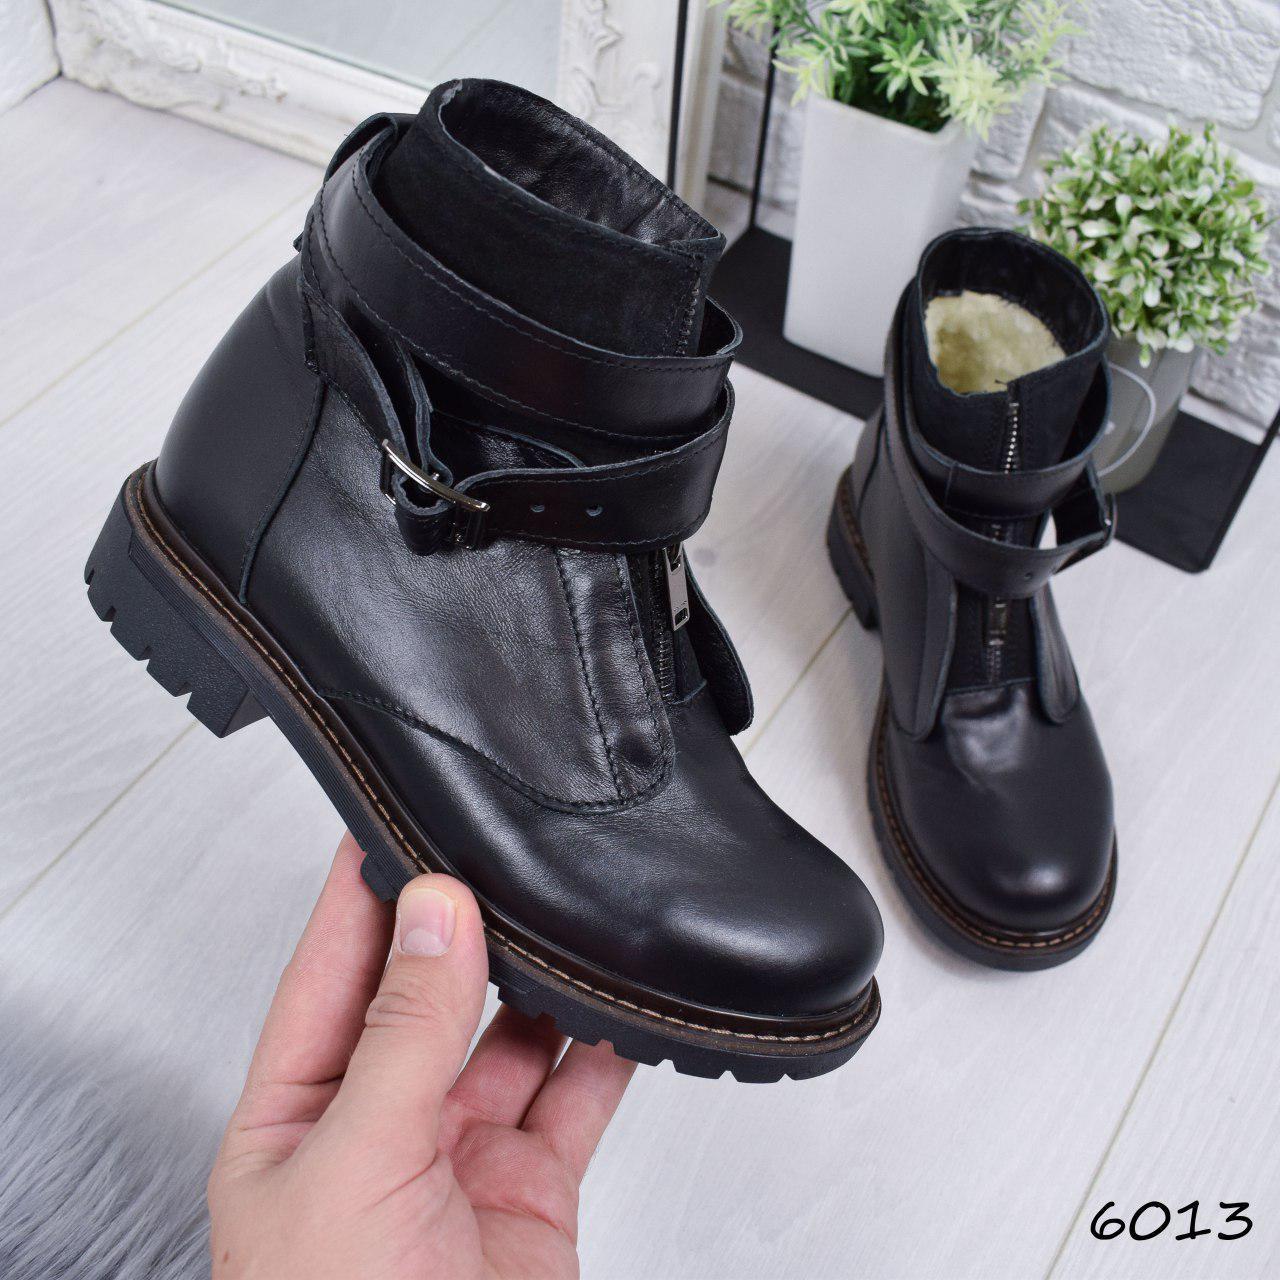 """Ботинки, ботильоны черные ЗИМА """"Erin"""" НАТУРАЛЬНАЯ КОЖА, повседневная, теплая, зимняя, женская обувь"""